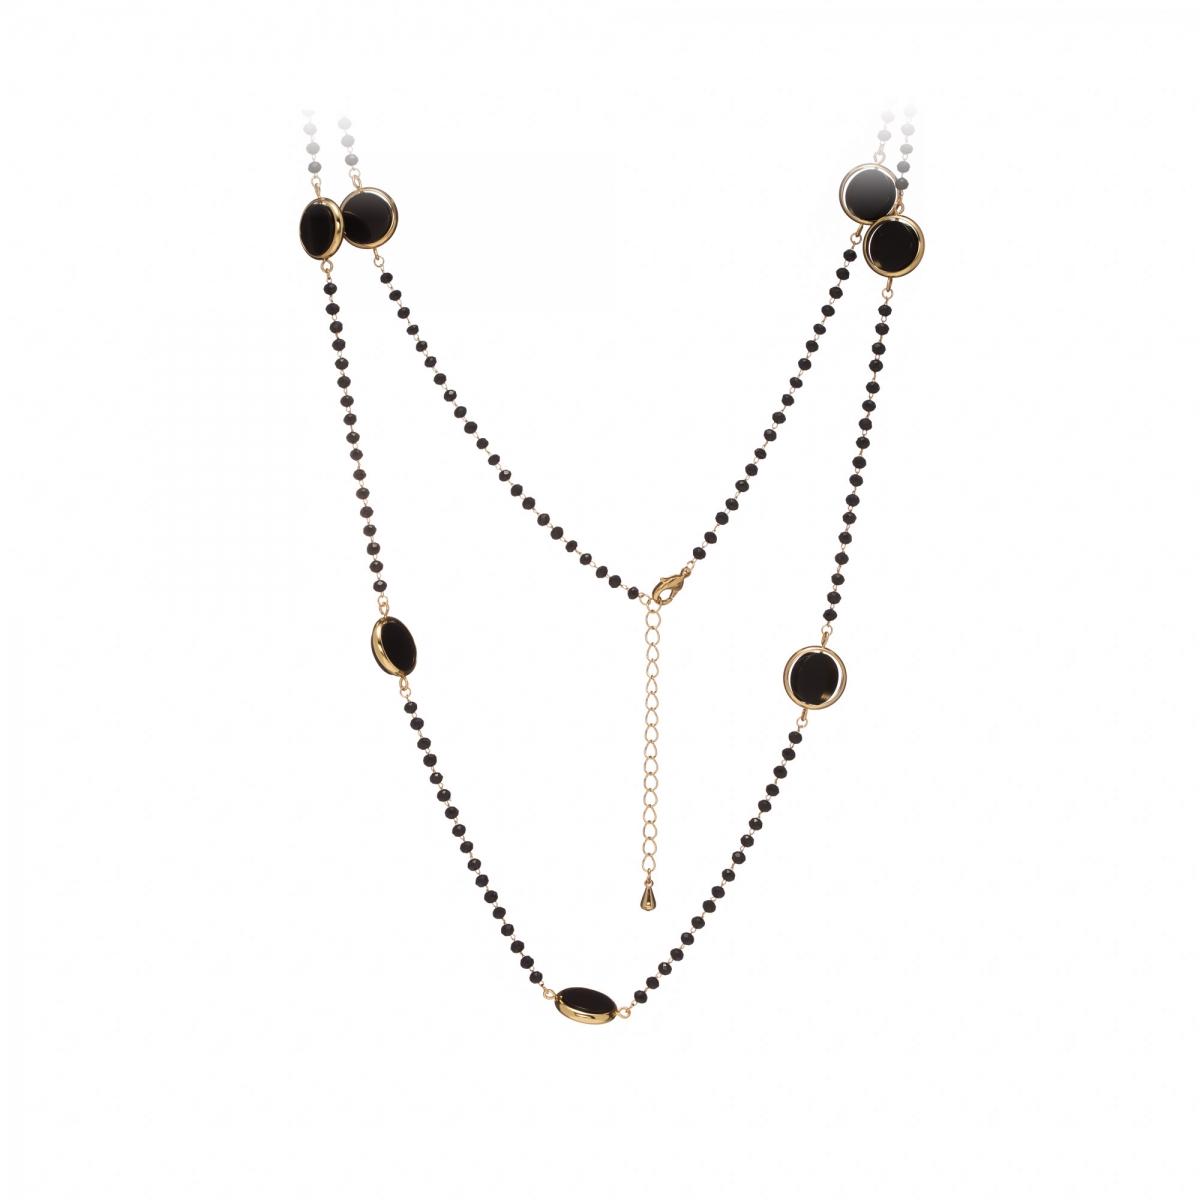 ef36b72c3 Náhrdelník Fine Elegance Mineral Black Onyx Crystals Gold ...